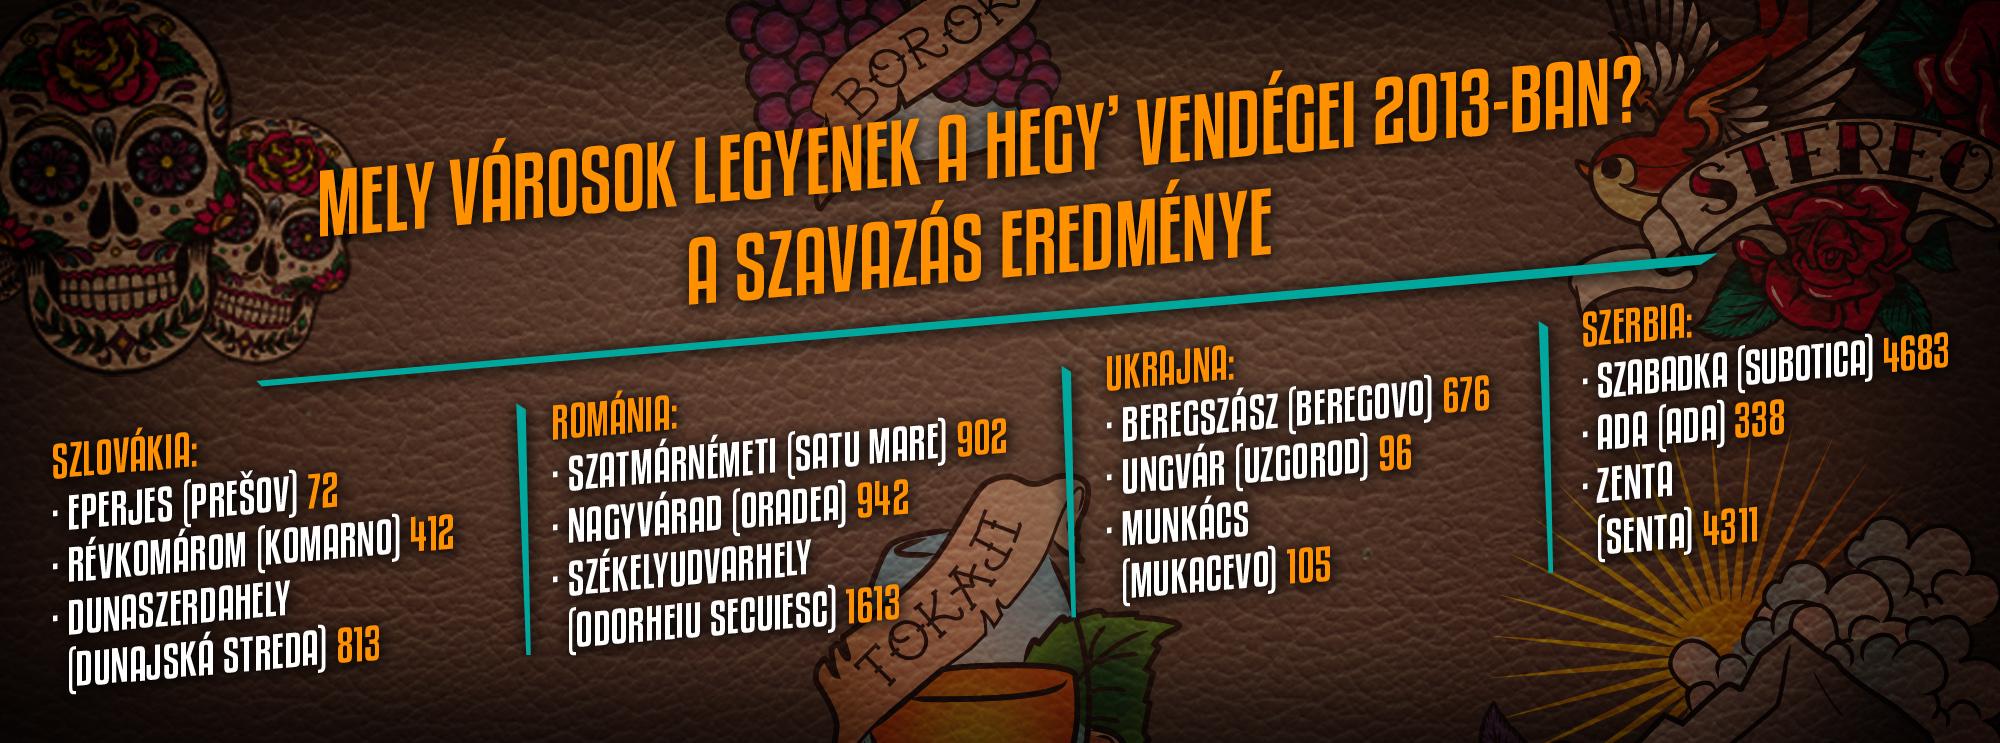 Hegyalja_vendegvarosok_vegeredmeny.jpg